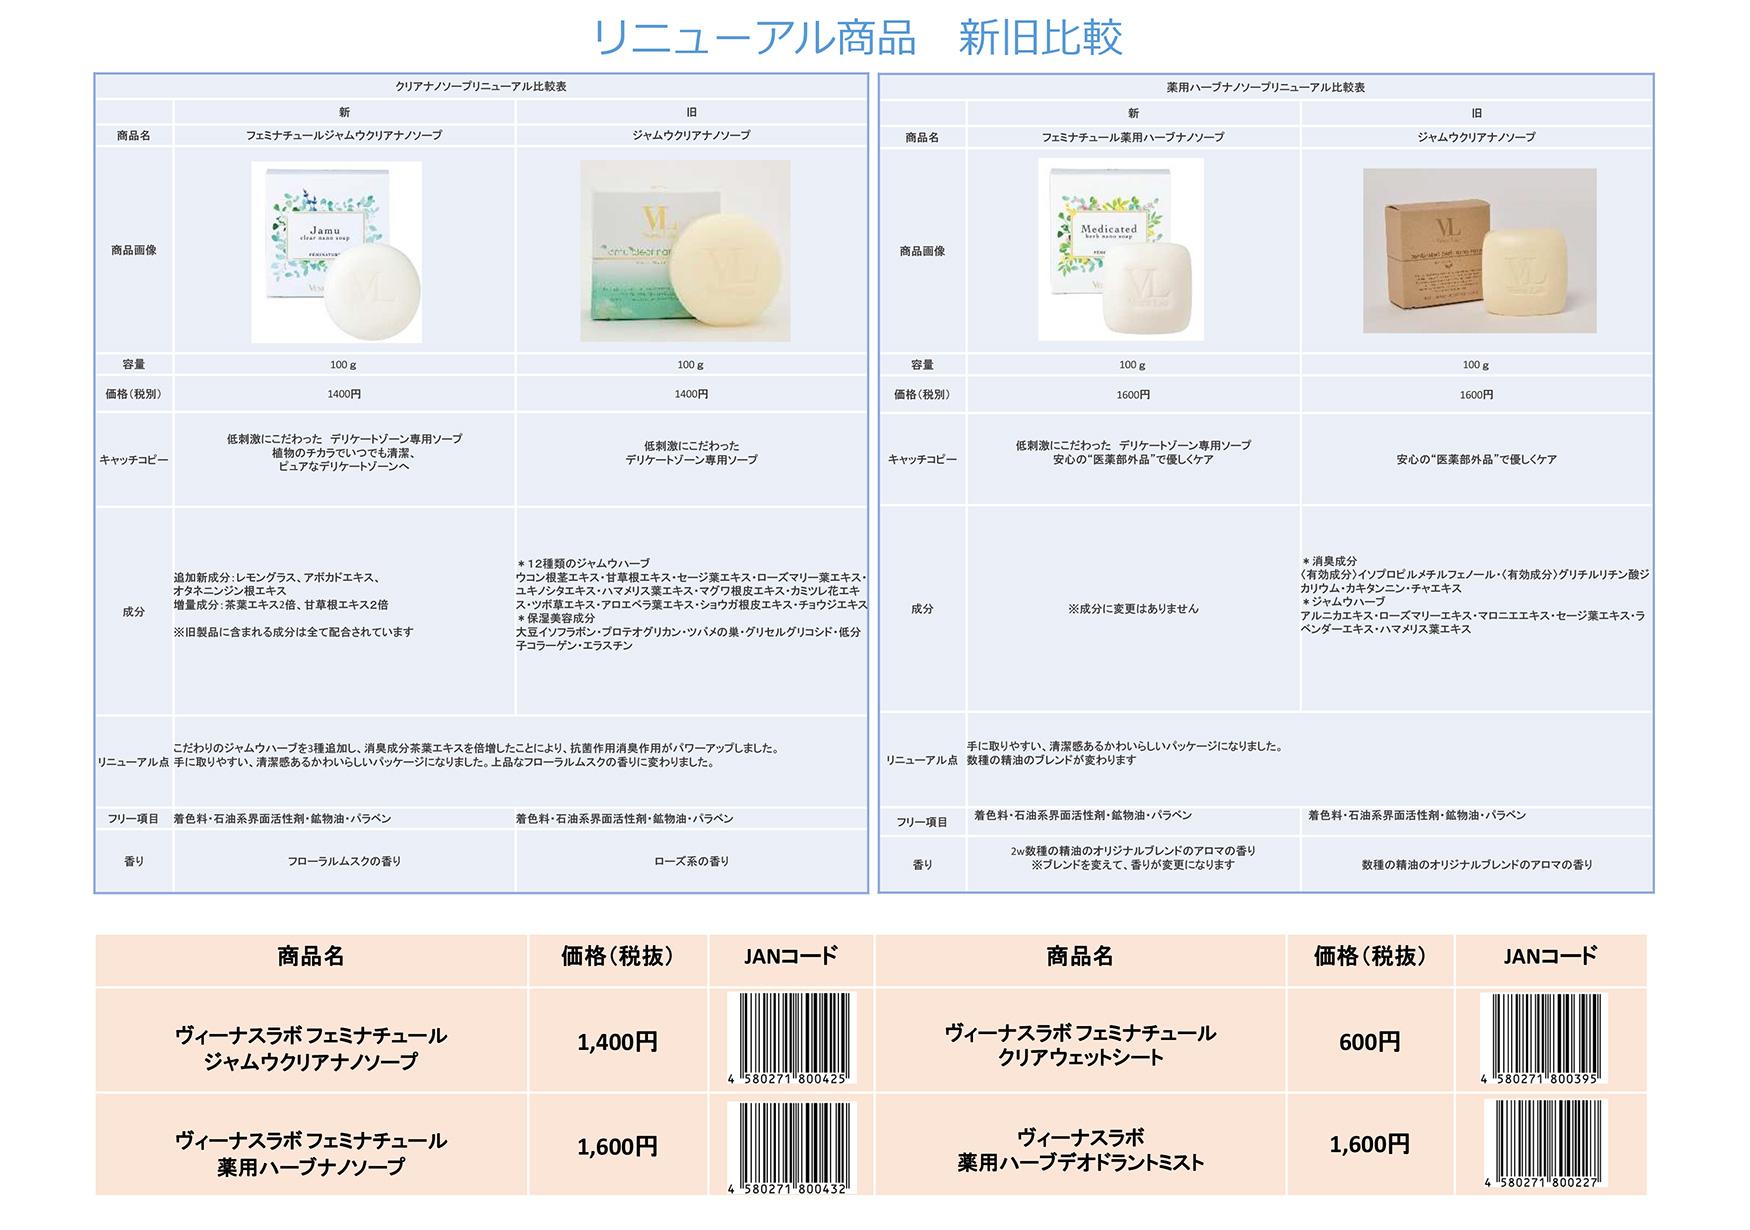 【規定書】ヴィーナスラボ フェミナチュール(リニューアル商品 新旧比較)